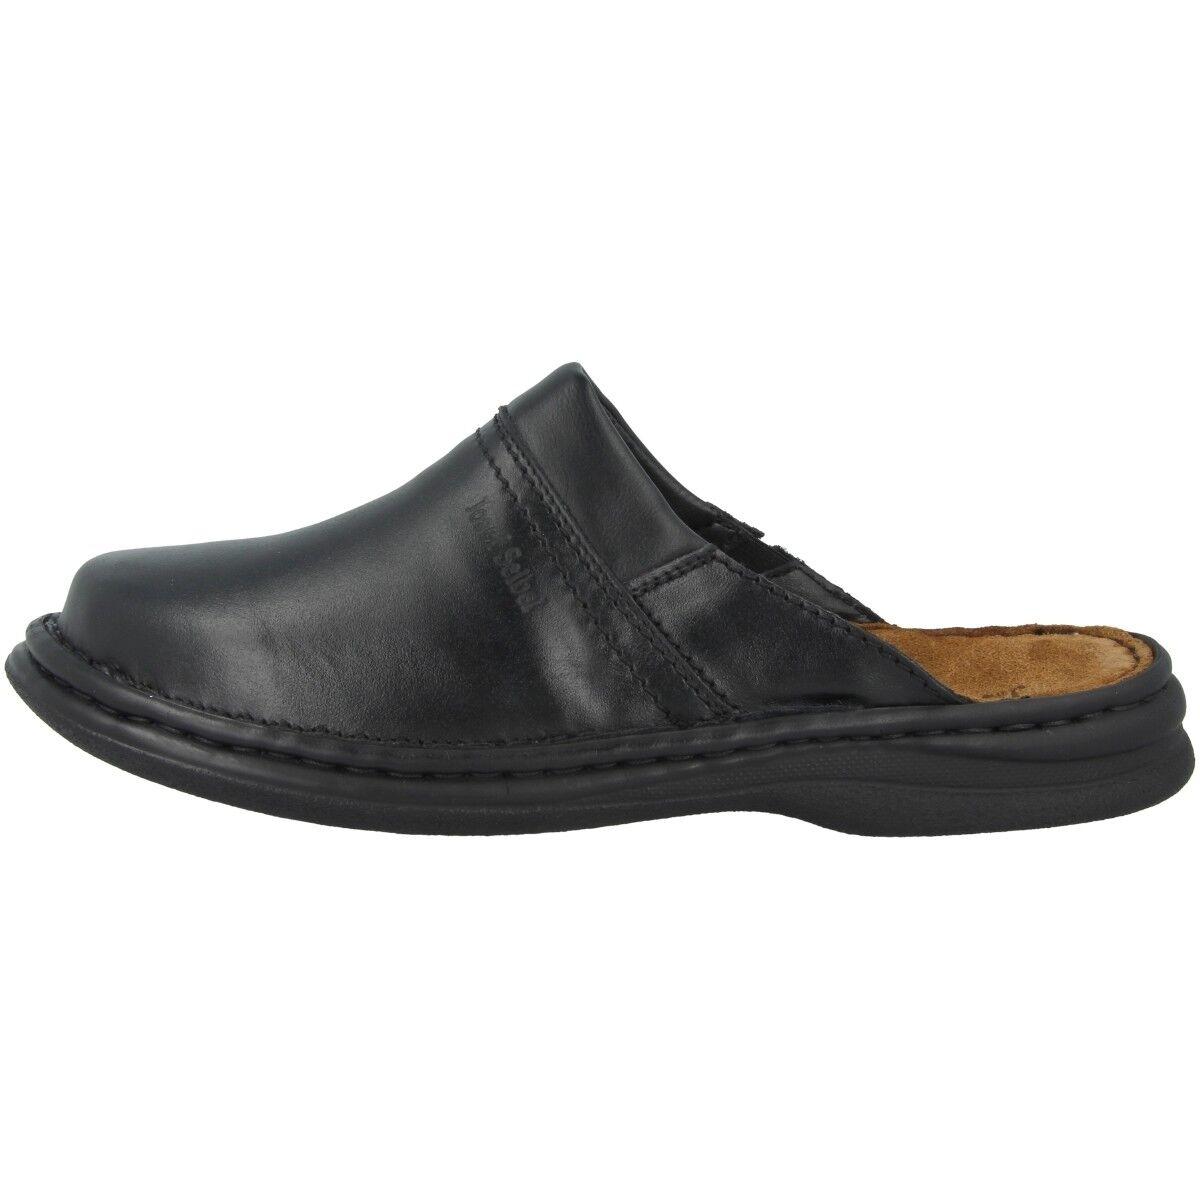 Josef Seibel Max Mulas Zapatos Zuecos Mulas Max Mocasines Zapatillas Negro 10663-37-600 c8e2ef